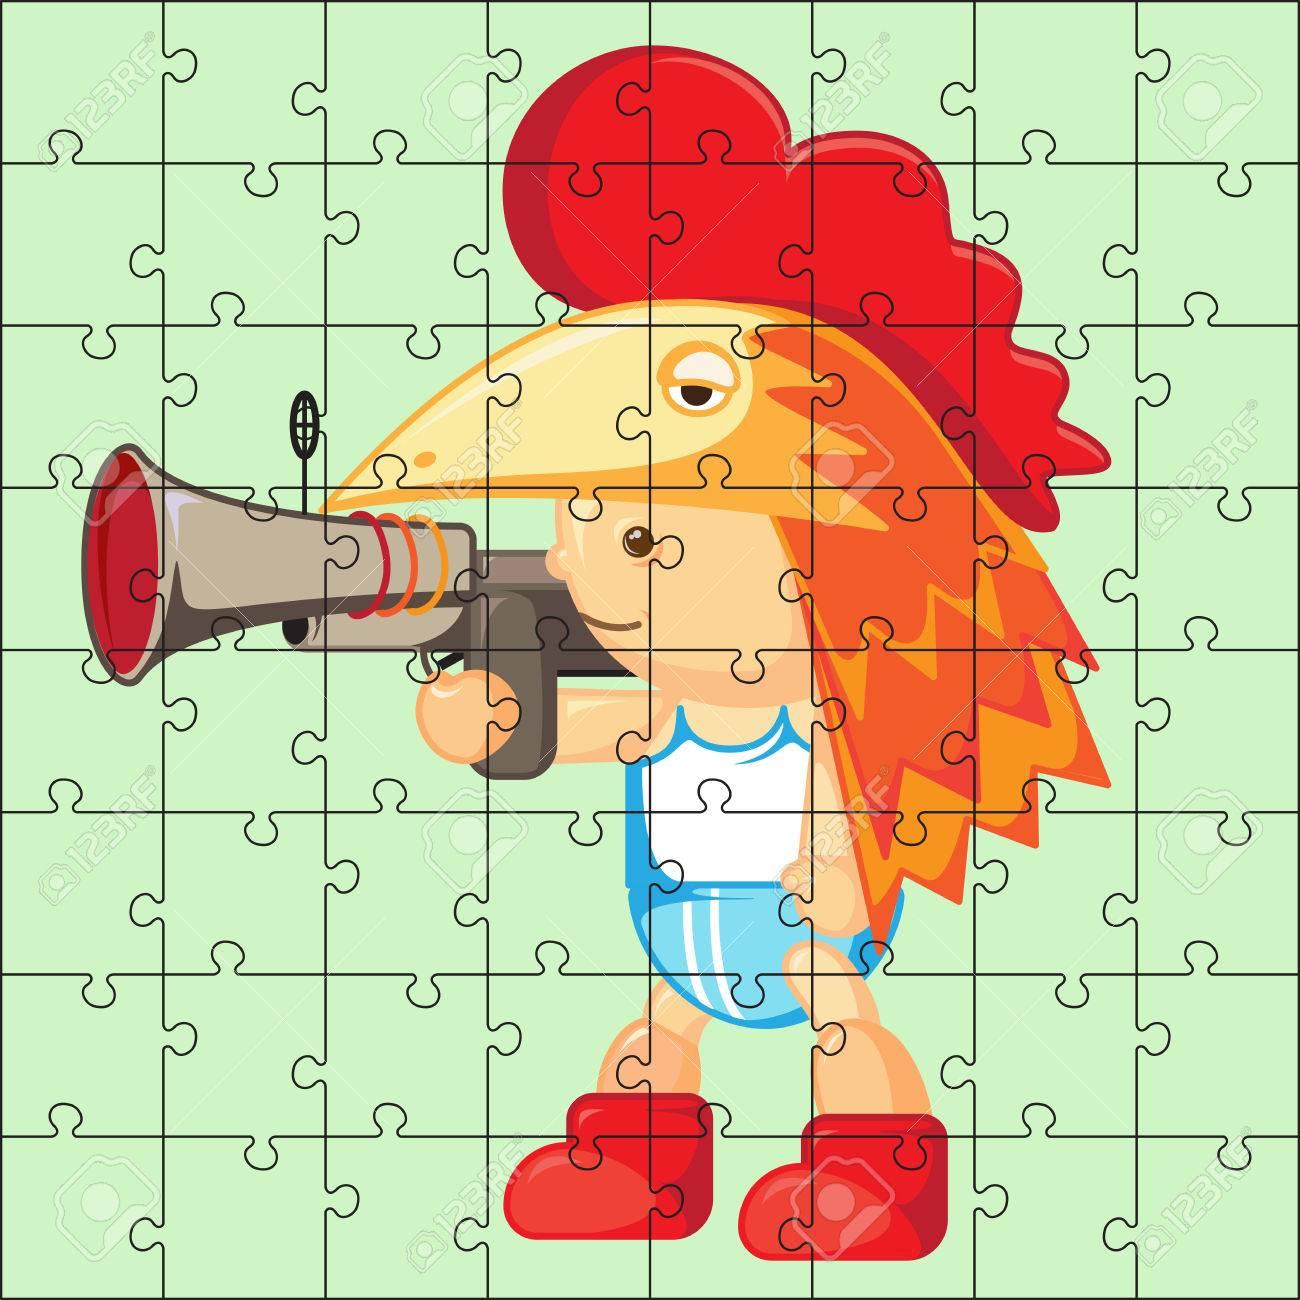 Jeu De Puzzle Pour Les Enfants. Puzzle Avec Garçon. Jeu De Puzzle Pour  Enfant. Visuel, Rébus, Puzzle, Jeu Éducatif Pour Les Enfants D'âge  Préscolaire destiné Jeux De Puzzle Enfant